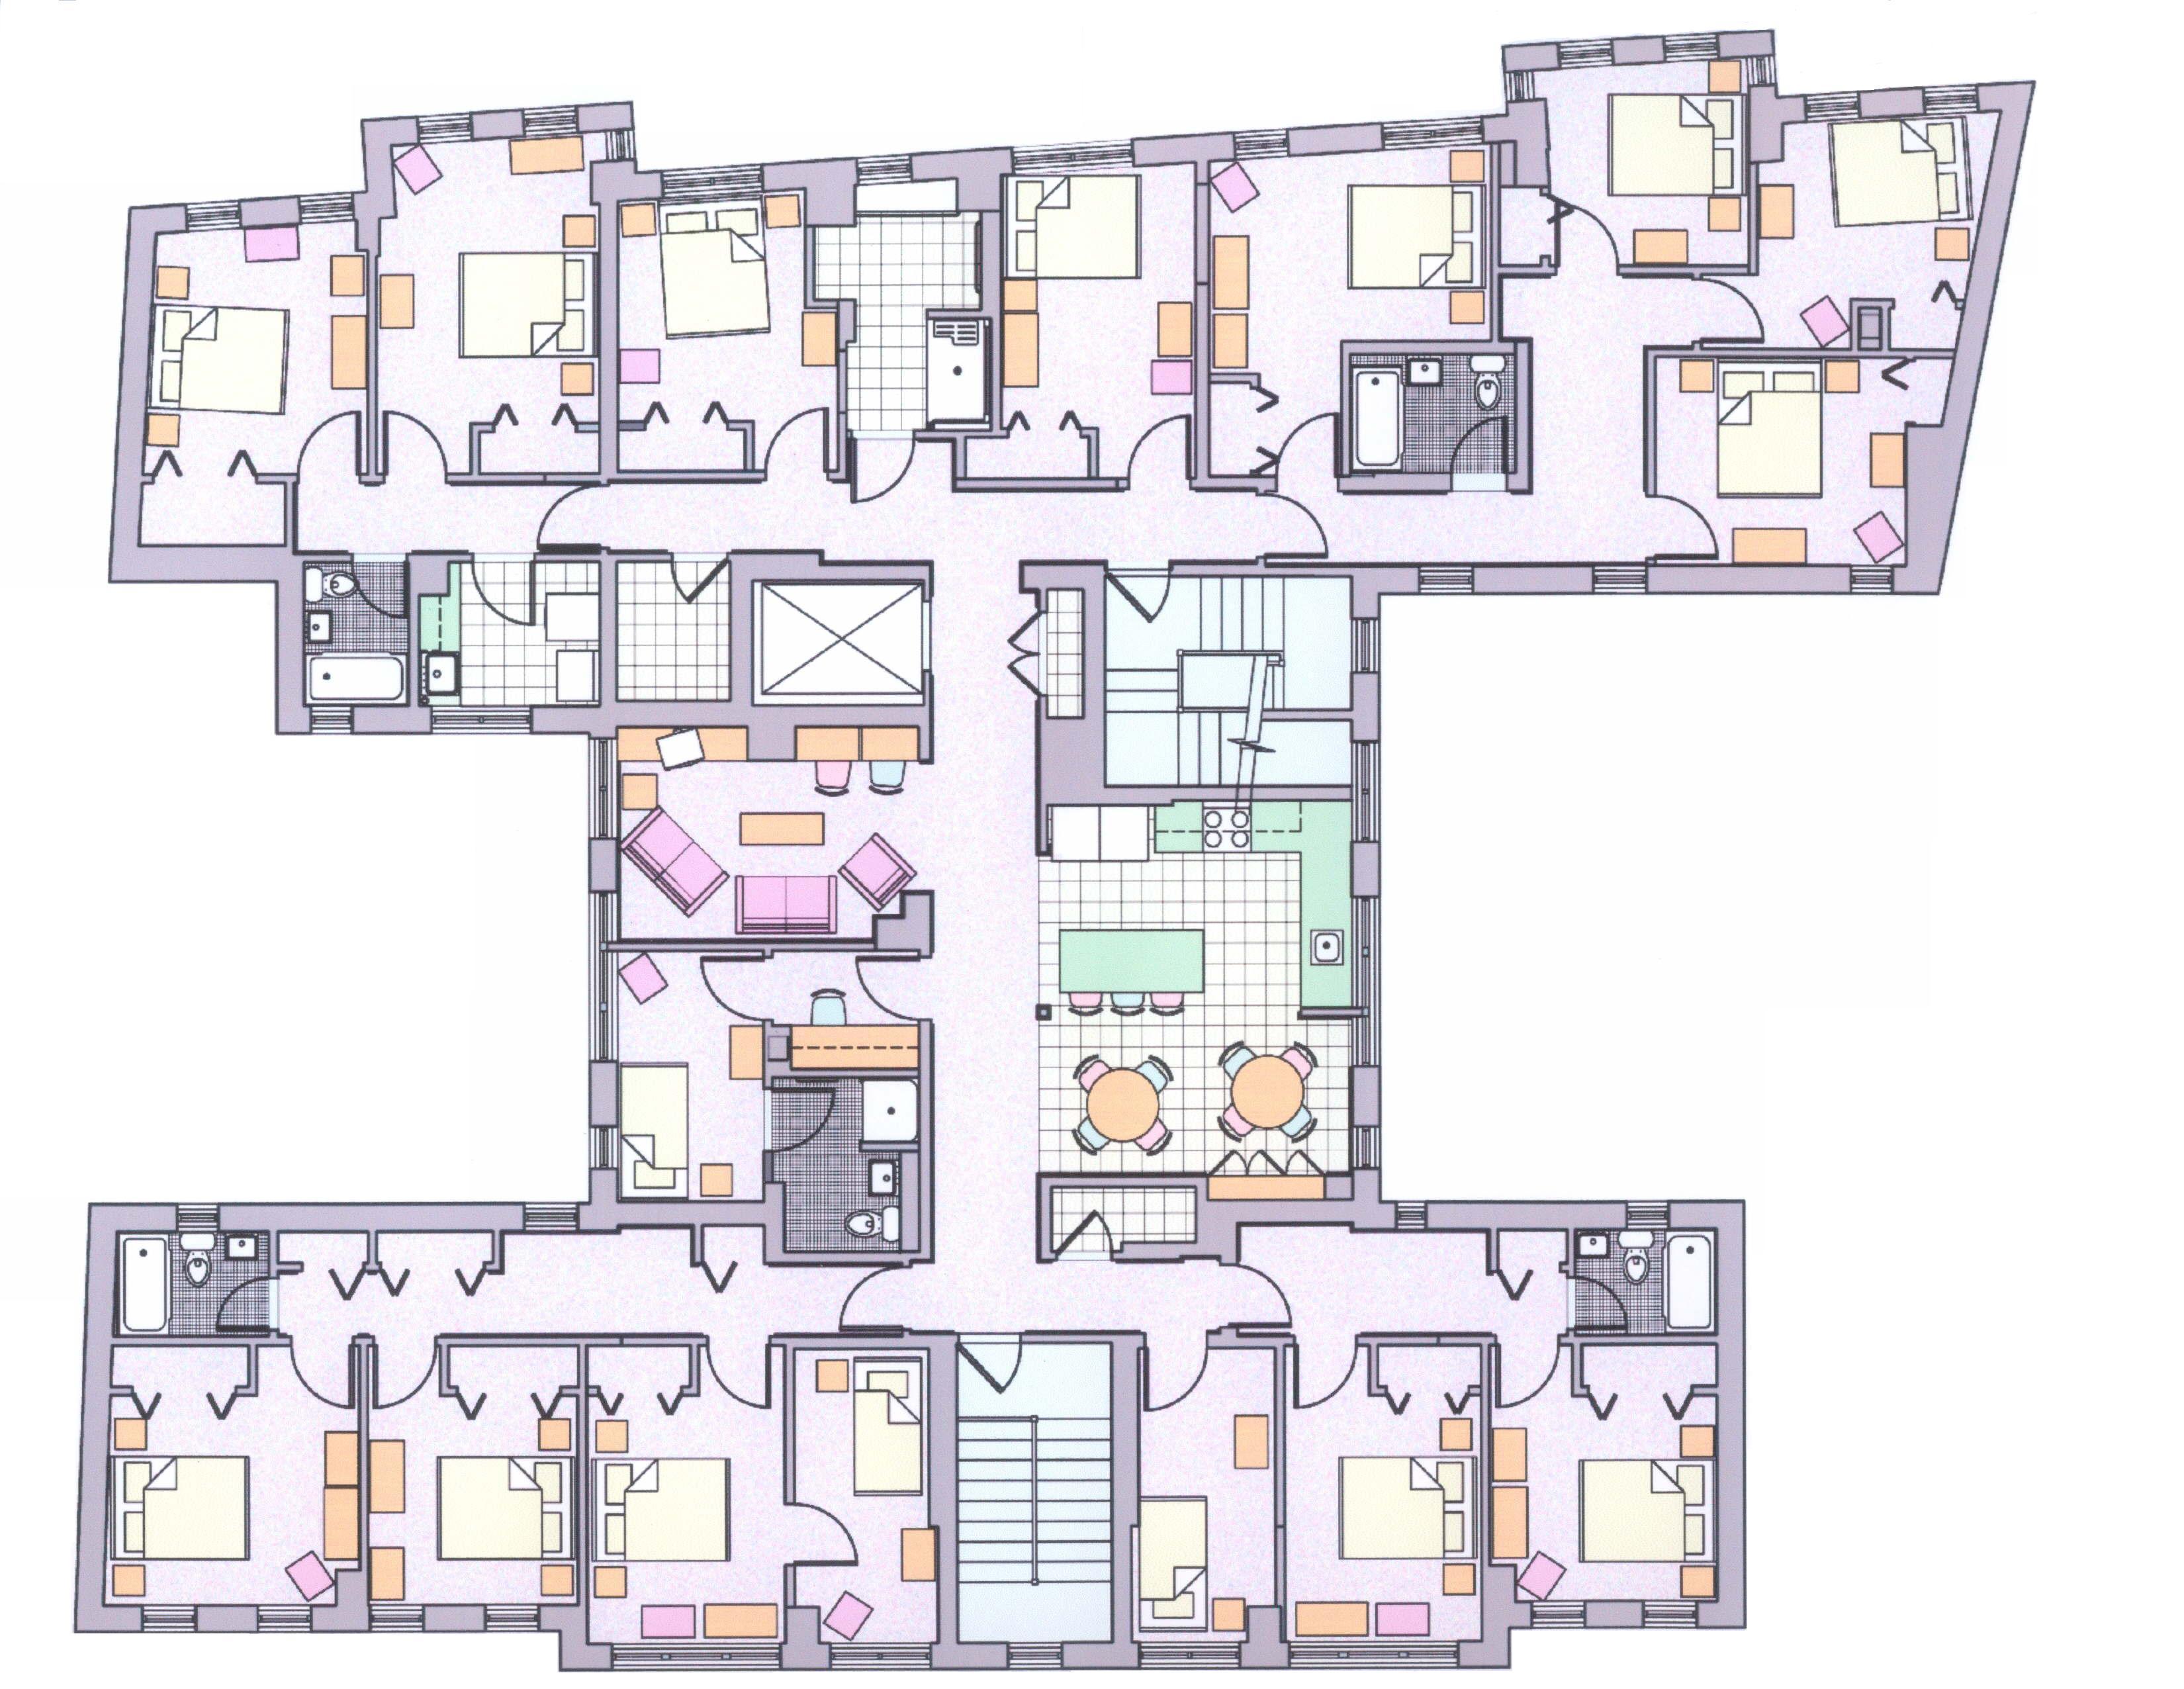 Small hospital floor plans - Sterchi Homes Floor Plans